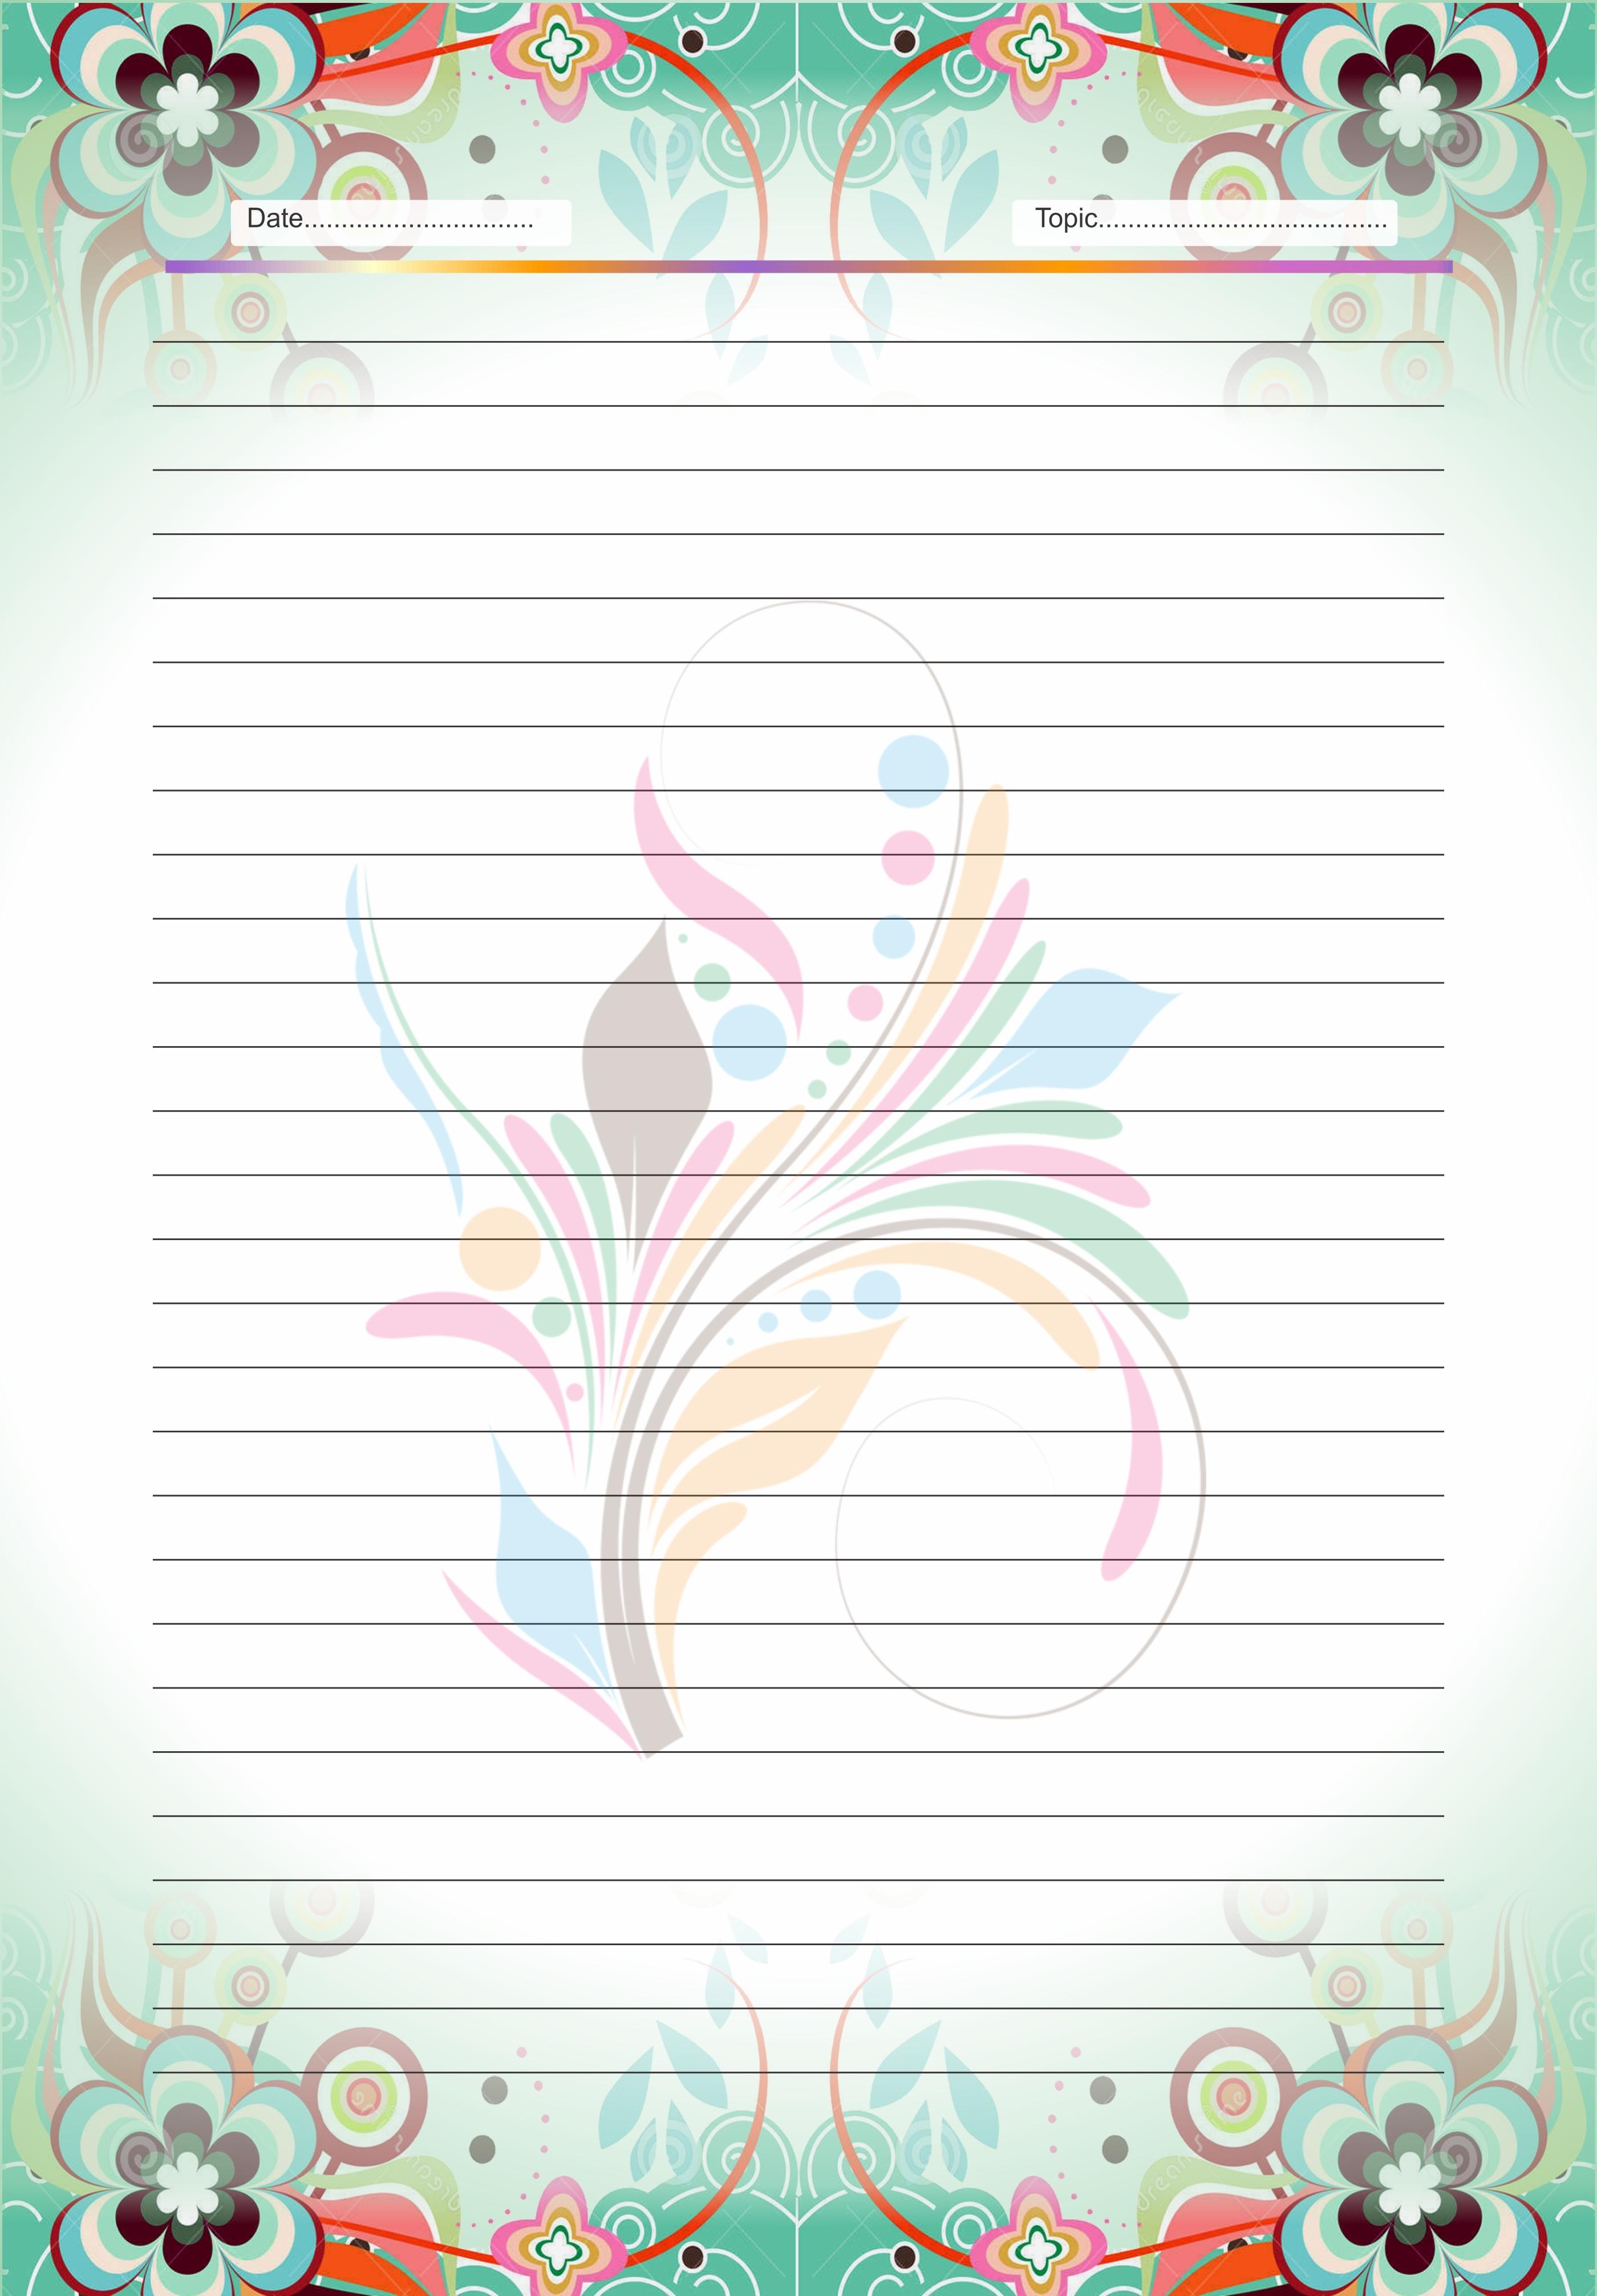 Designing sheet